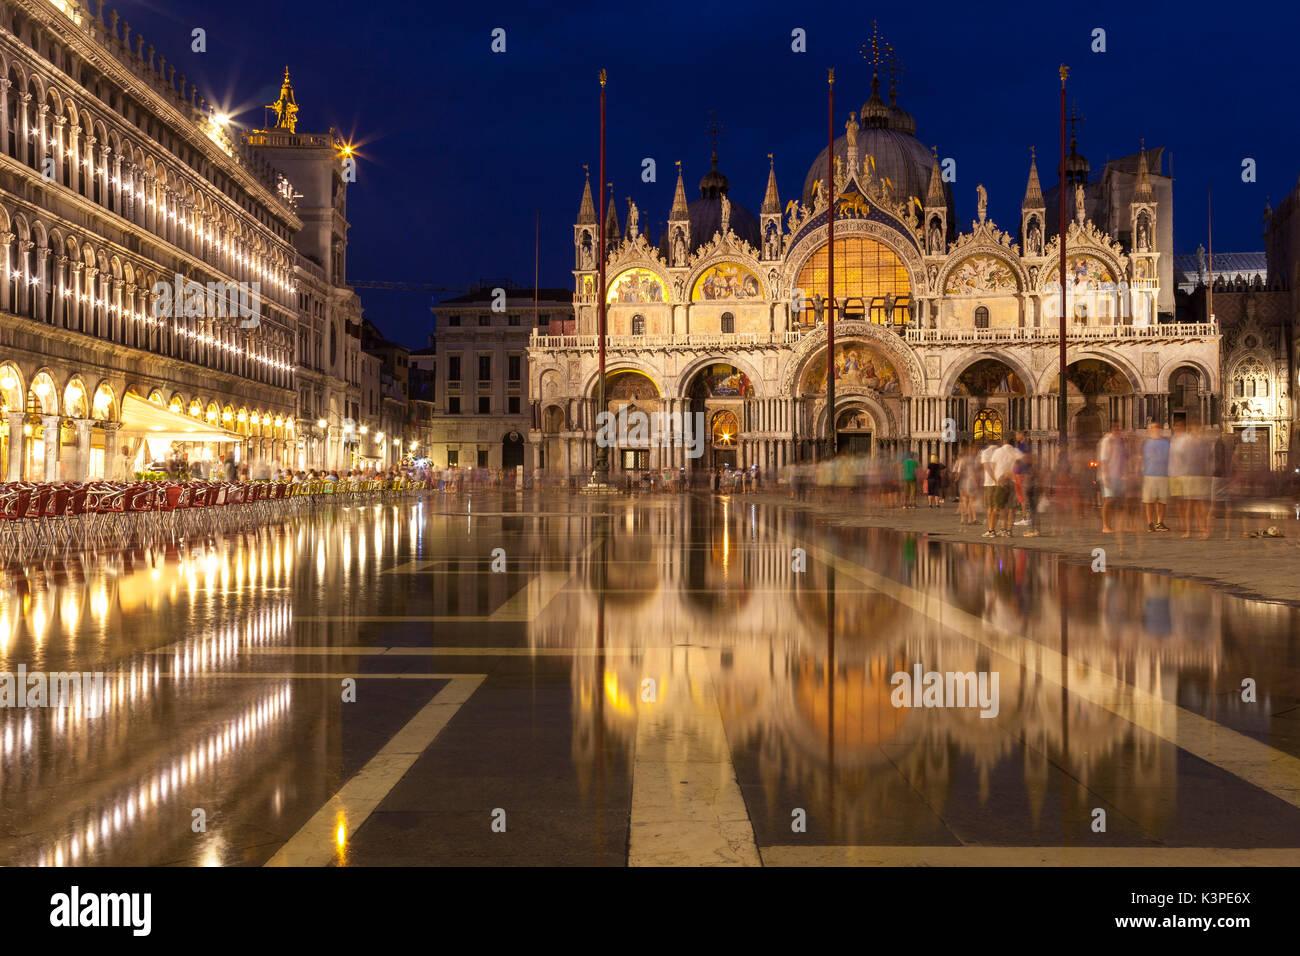 La Basílica de San Marcos de noche iluminado durante la hora azul se reflejan en las quietas aguas de acqua alta en Piazza San Marco, Venecia, Véneto, Italia con Imagen De Stock